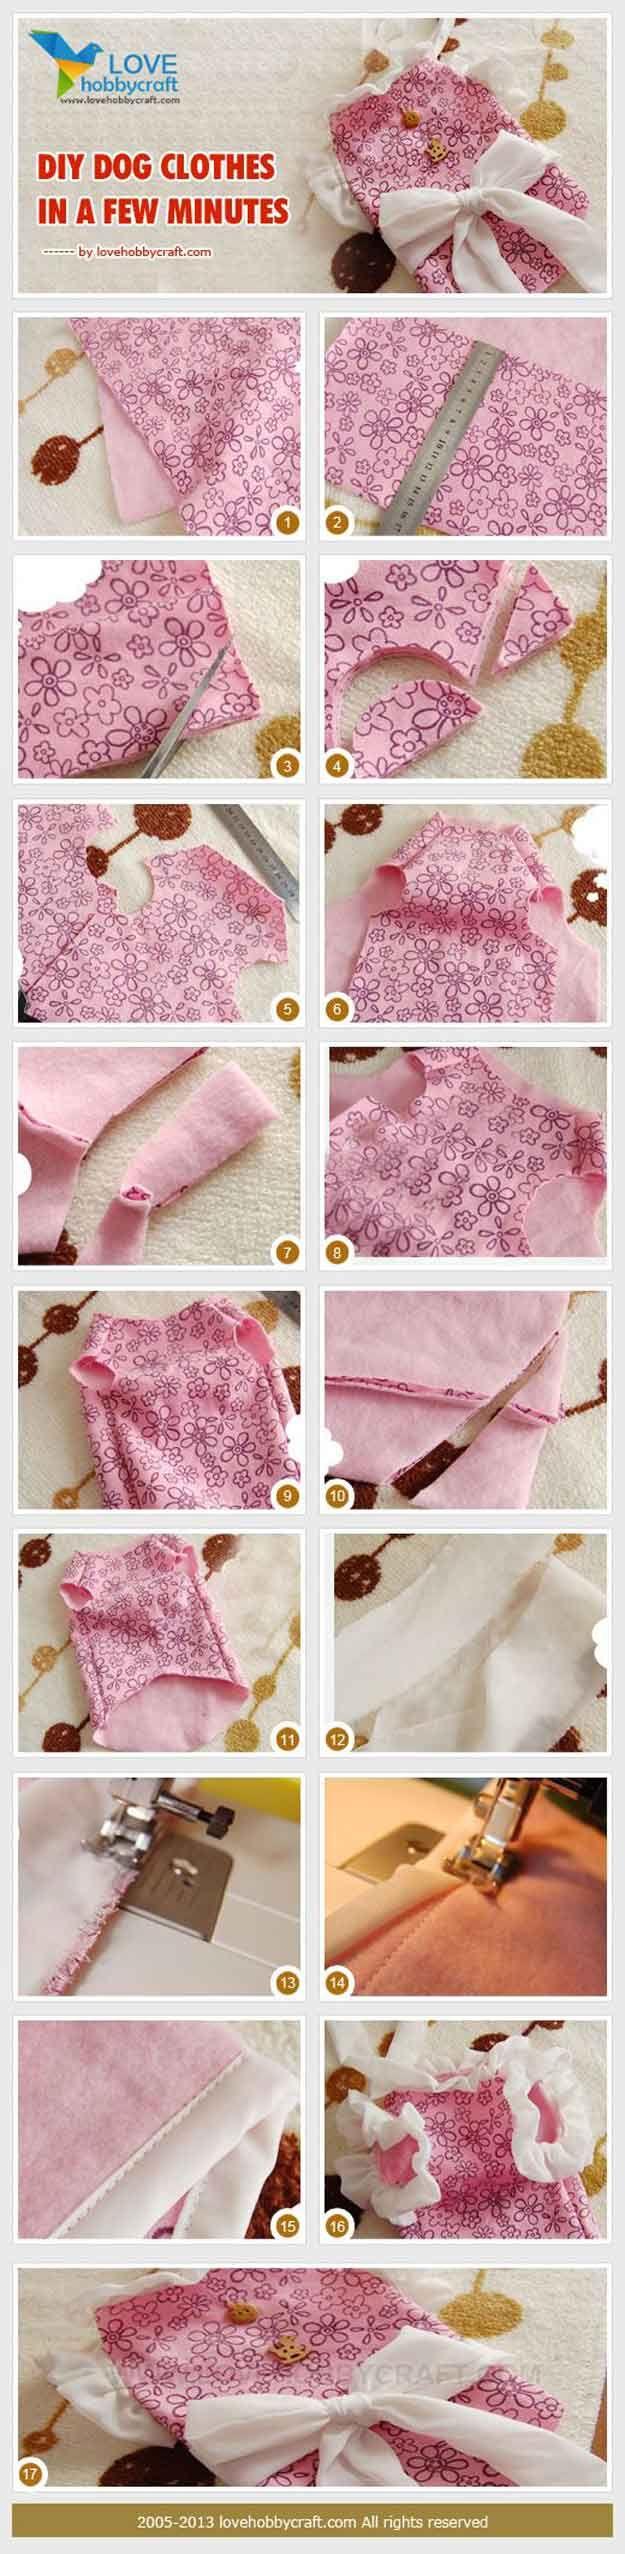 Echa un vistazo a 12 de bricolaje ropa y abrigos para perros en http://artesaniasdebricolaje.ru/las-habitaciones-y-los-espacios/30746-12-de-bricolaje-ropa-y-abrigos-para-perros.html